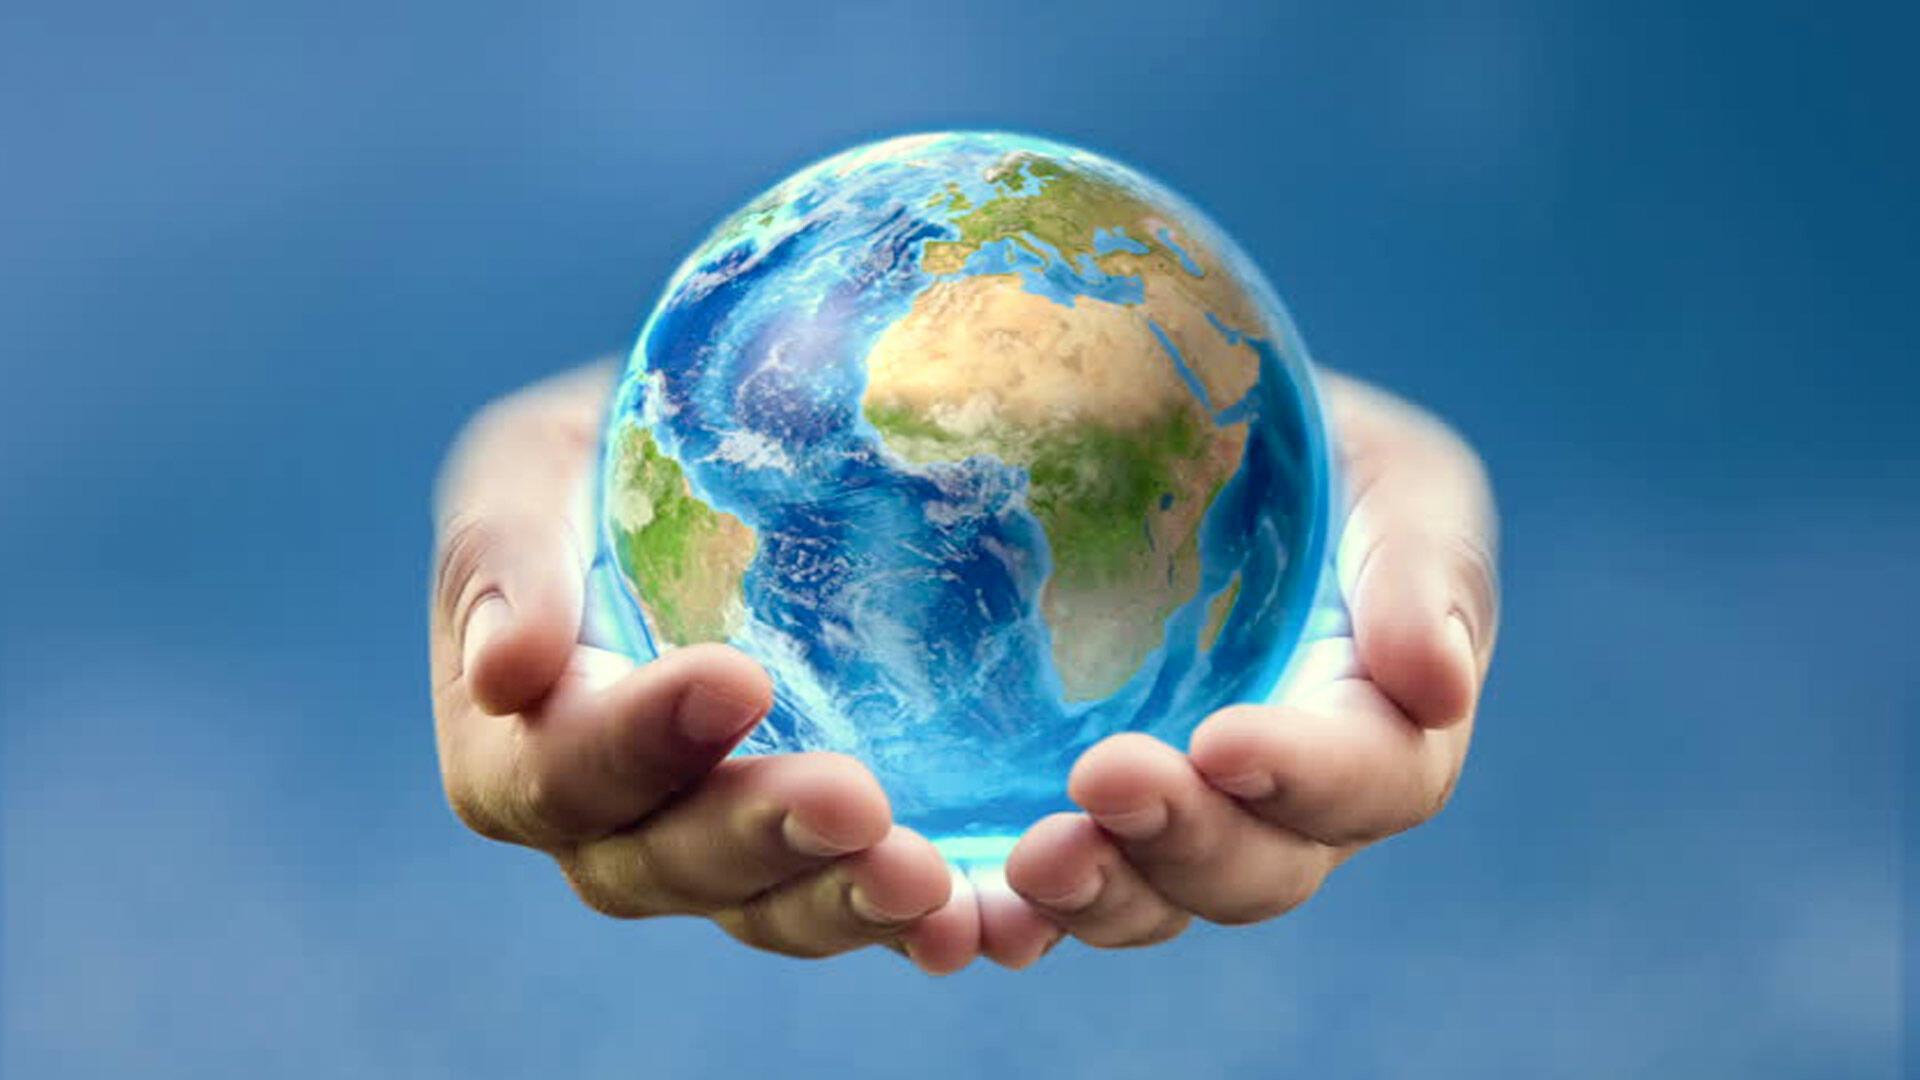 Картинки с планетой земля в руках